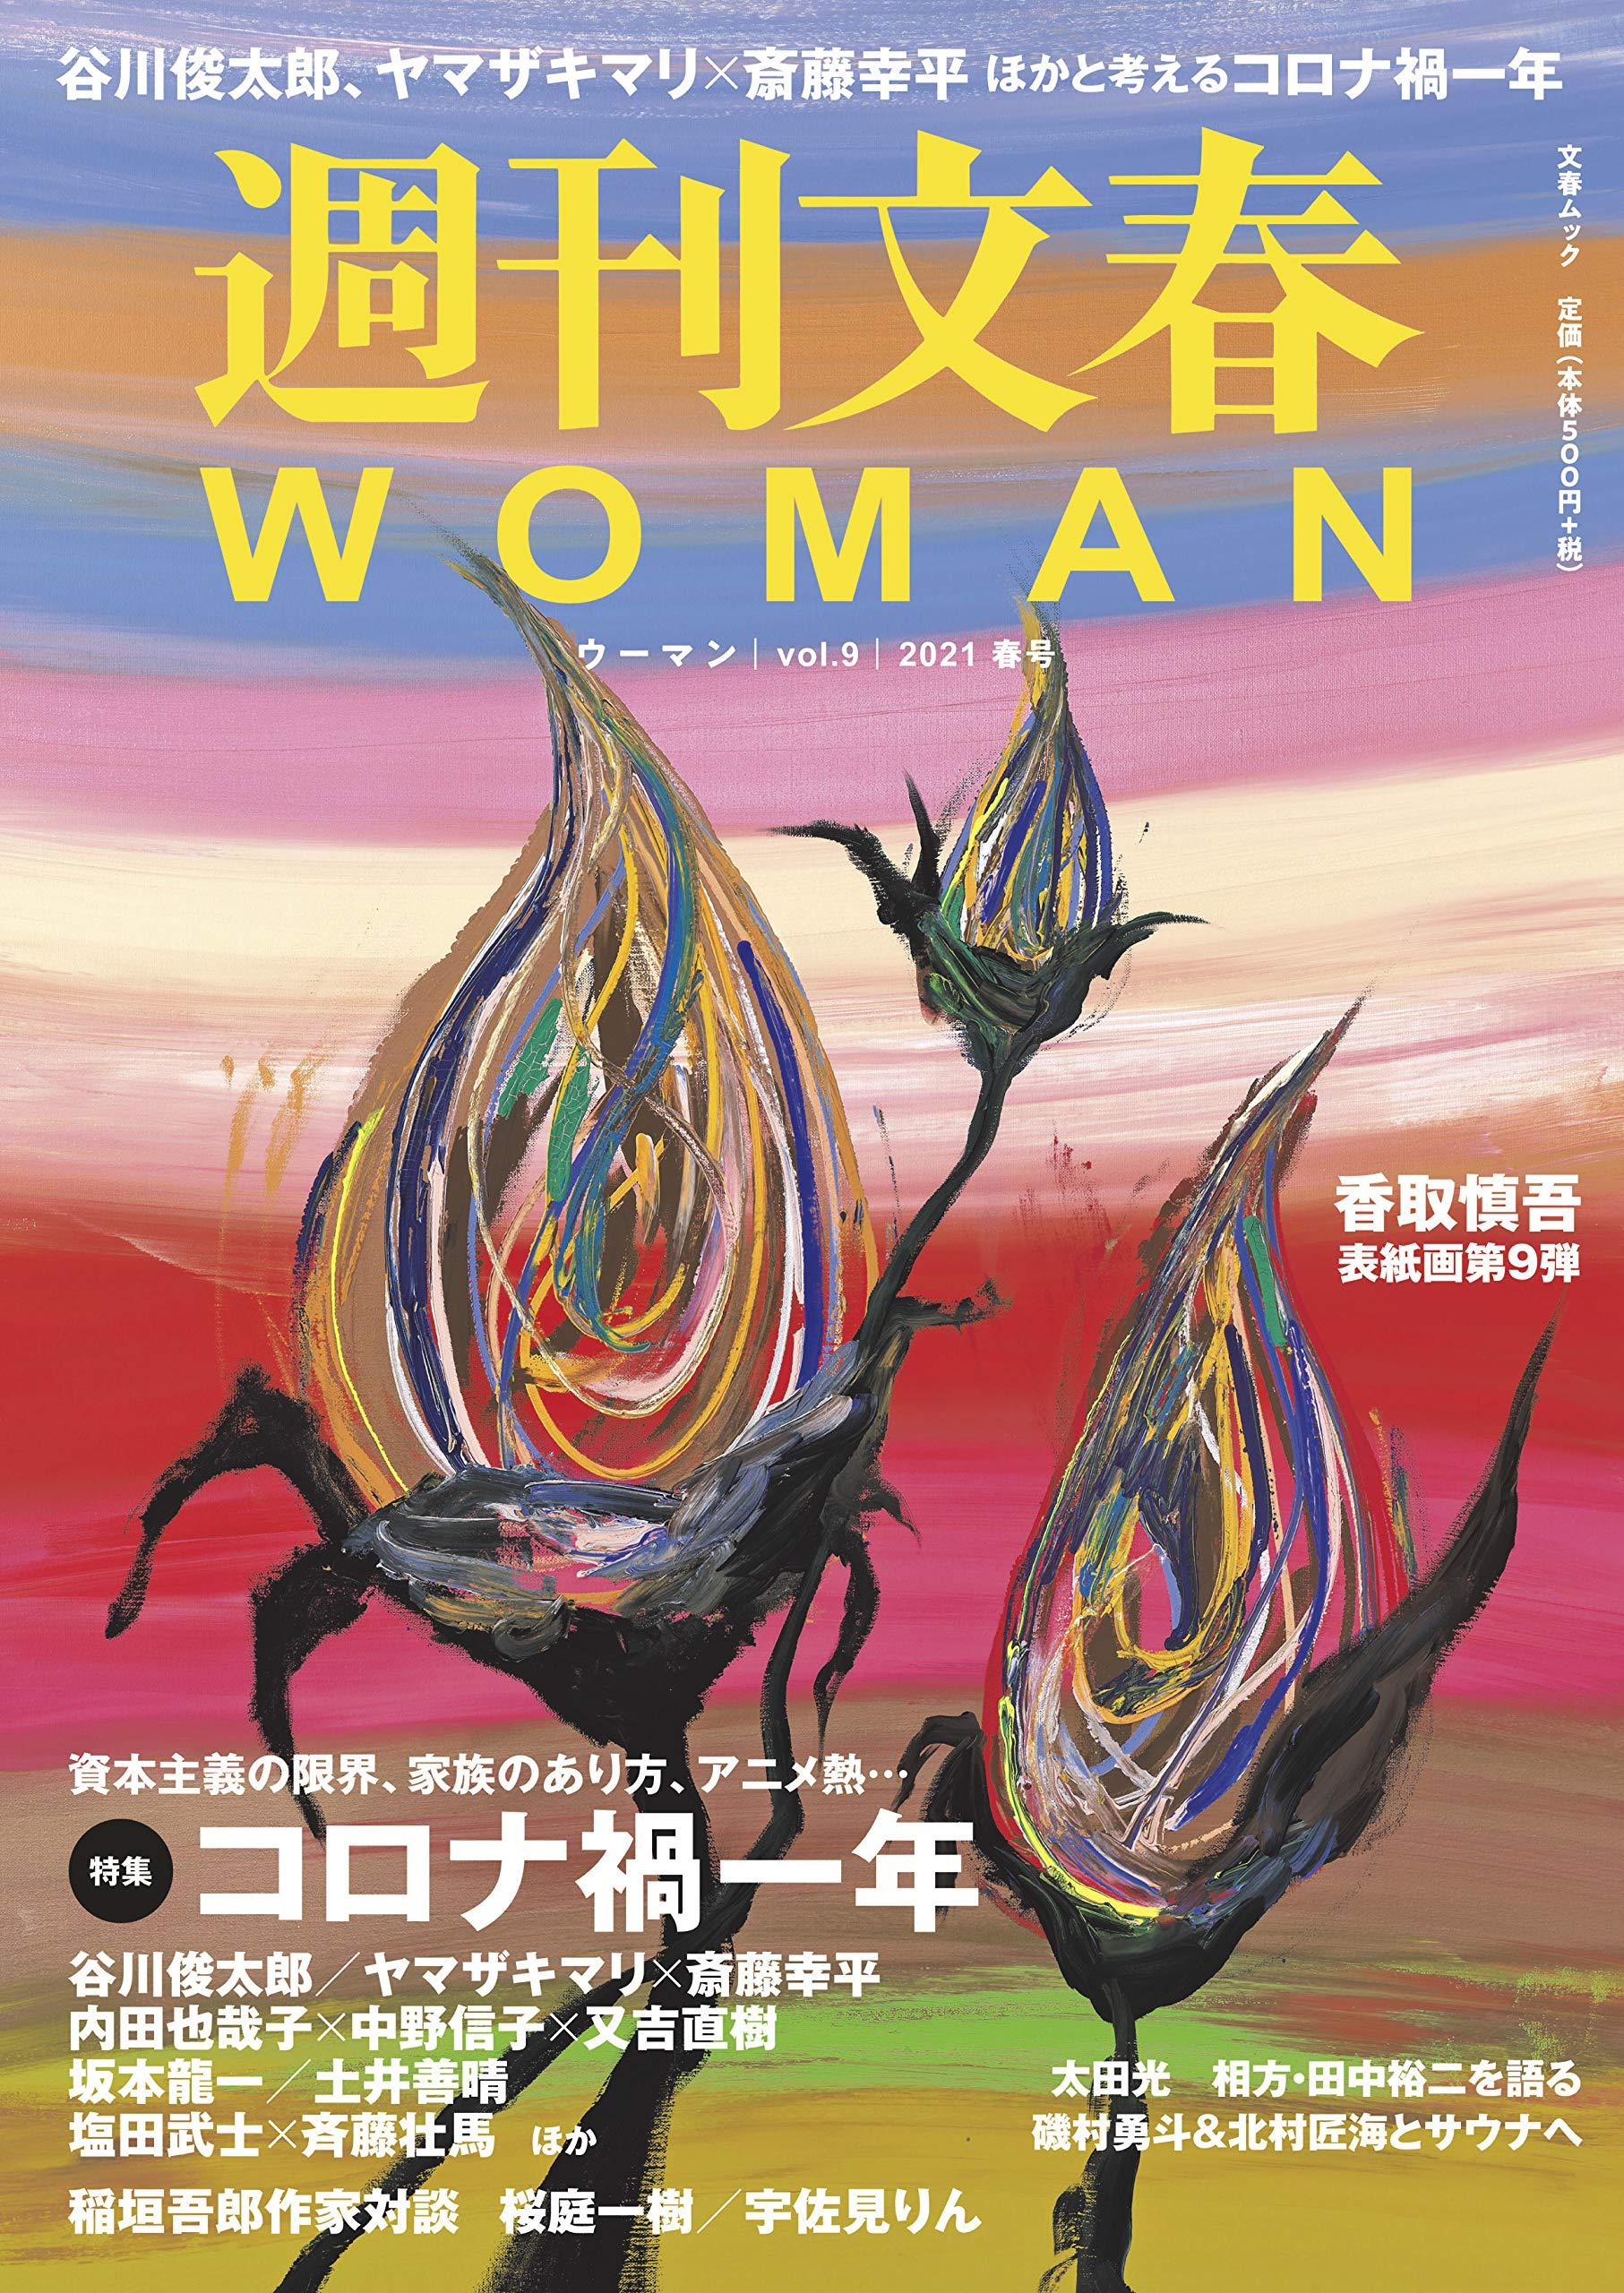 【取材】「週刊文春WOMAN 2021春号」に代表武藤の記事が掲載されました。のサムネイル